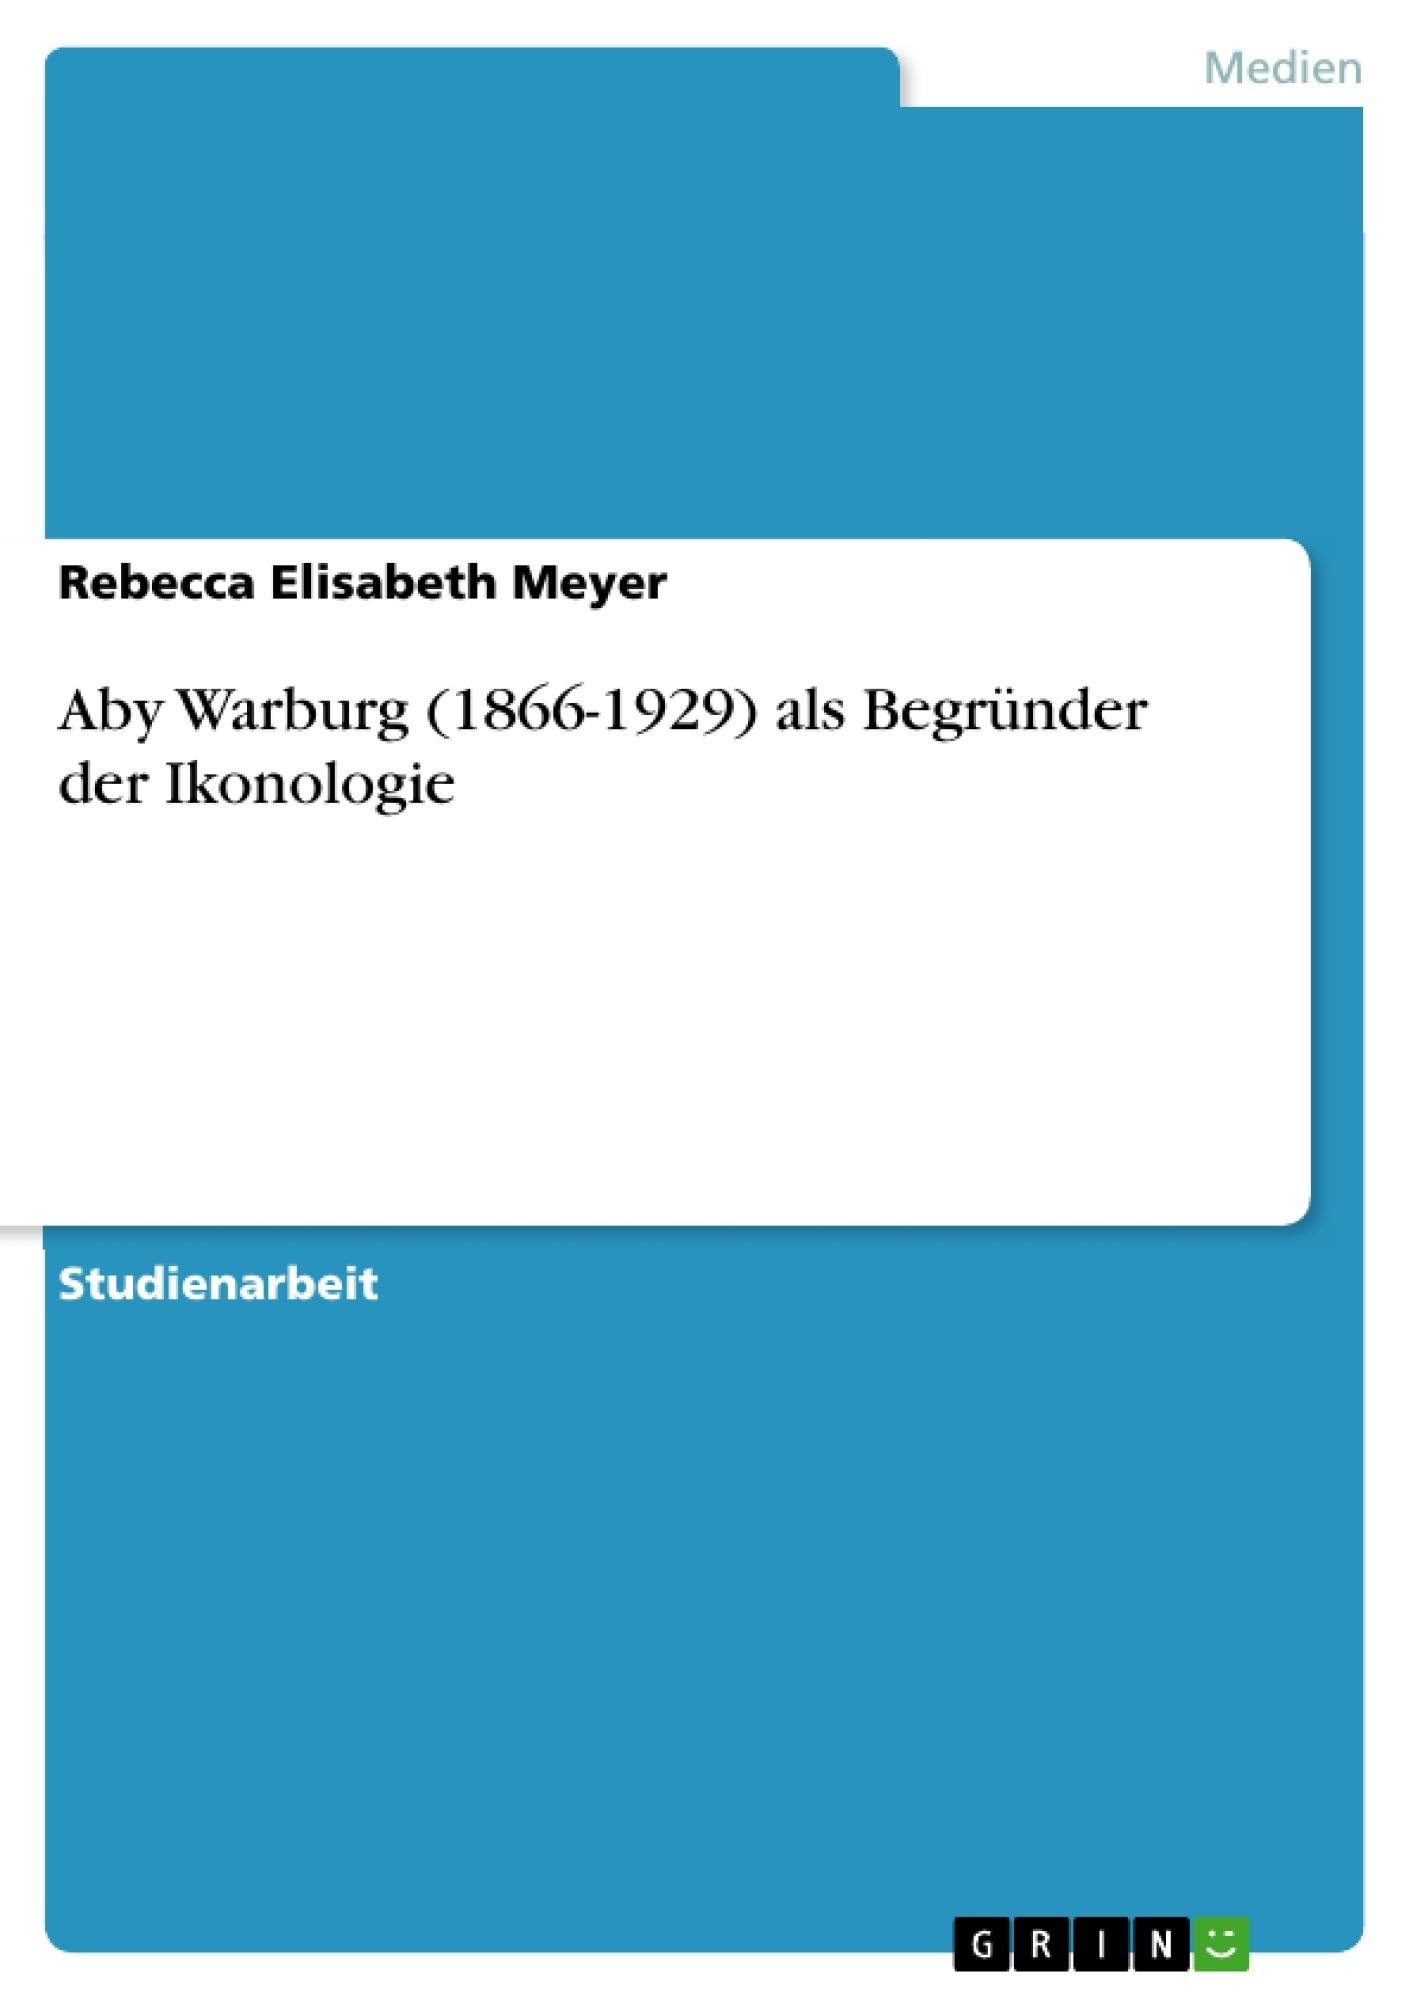 Titel: Aby Warburg (1866-1929) als Begründer der Ikonologie